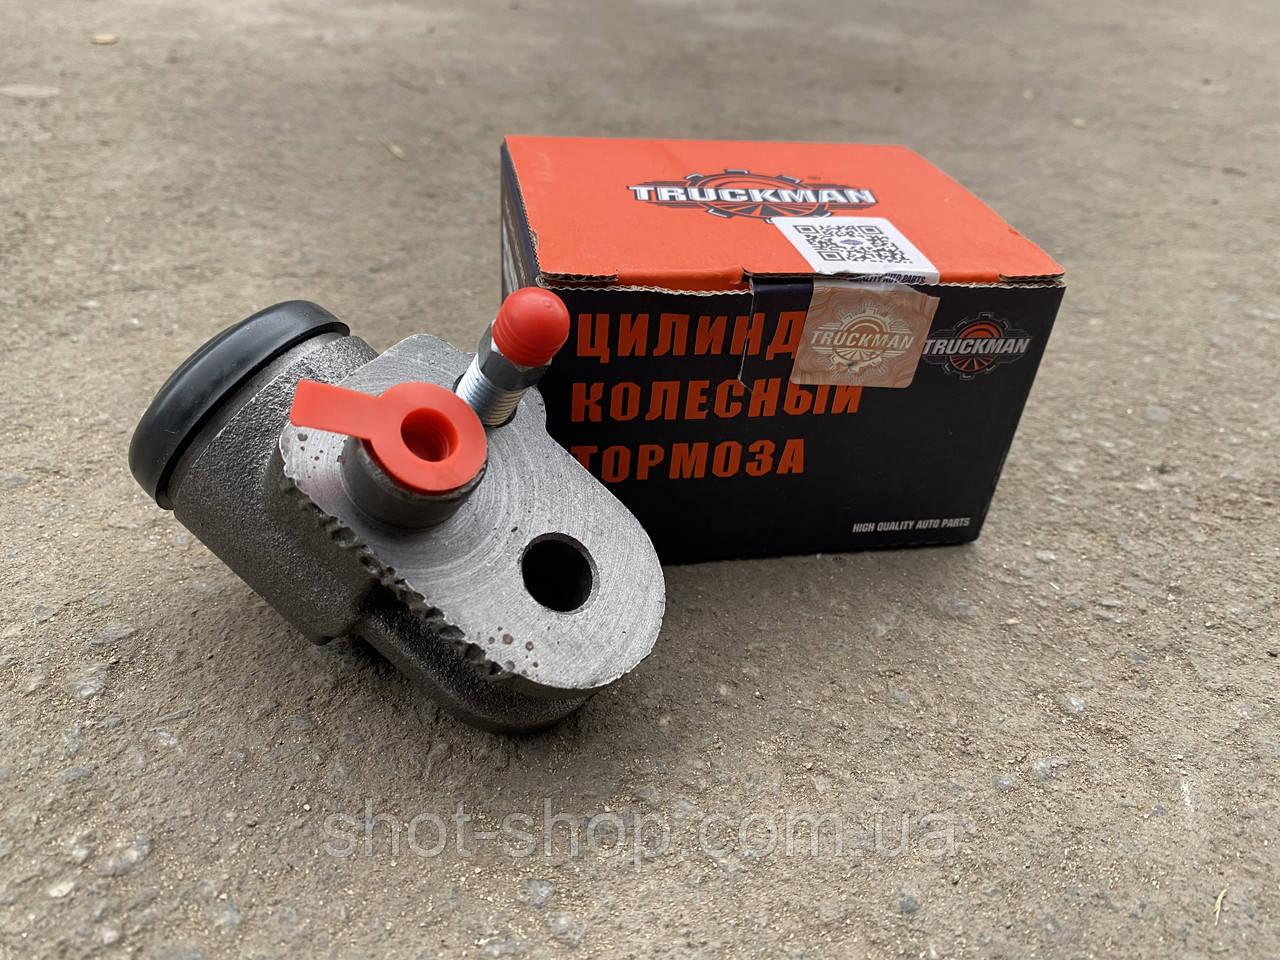 Цилиндр тормозной передний правый ( пр-во Truckman) УАЗ 452.469